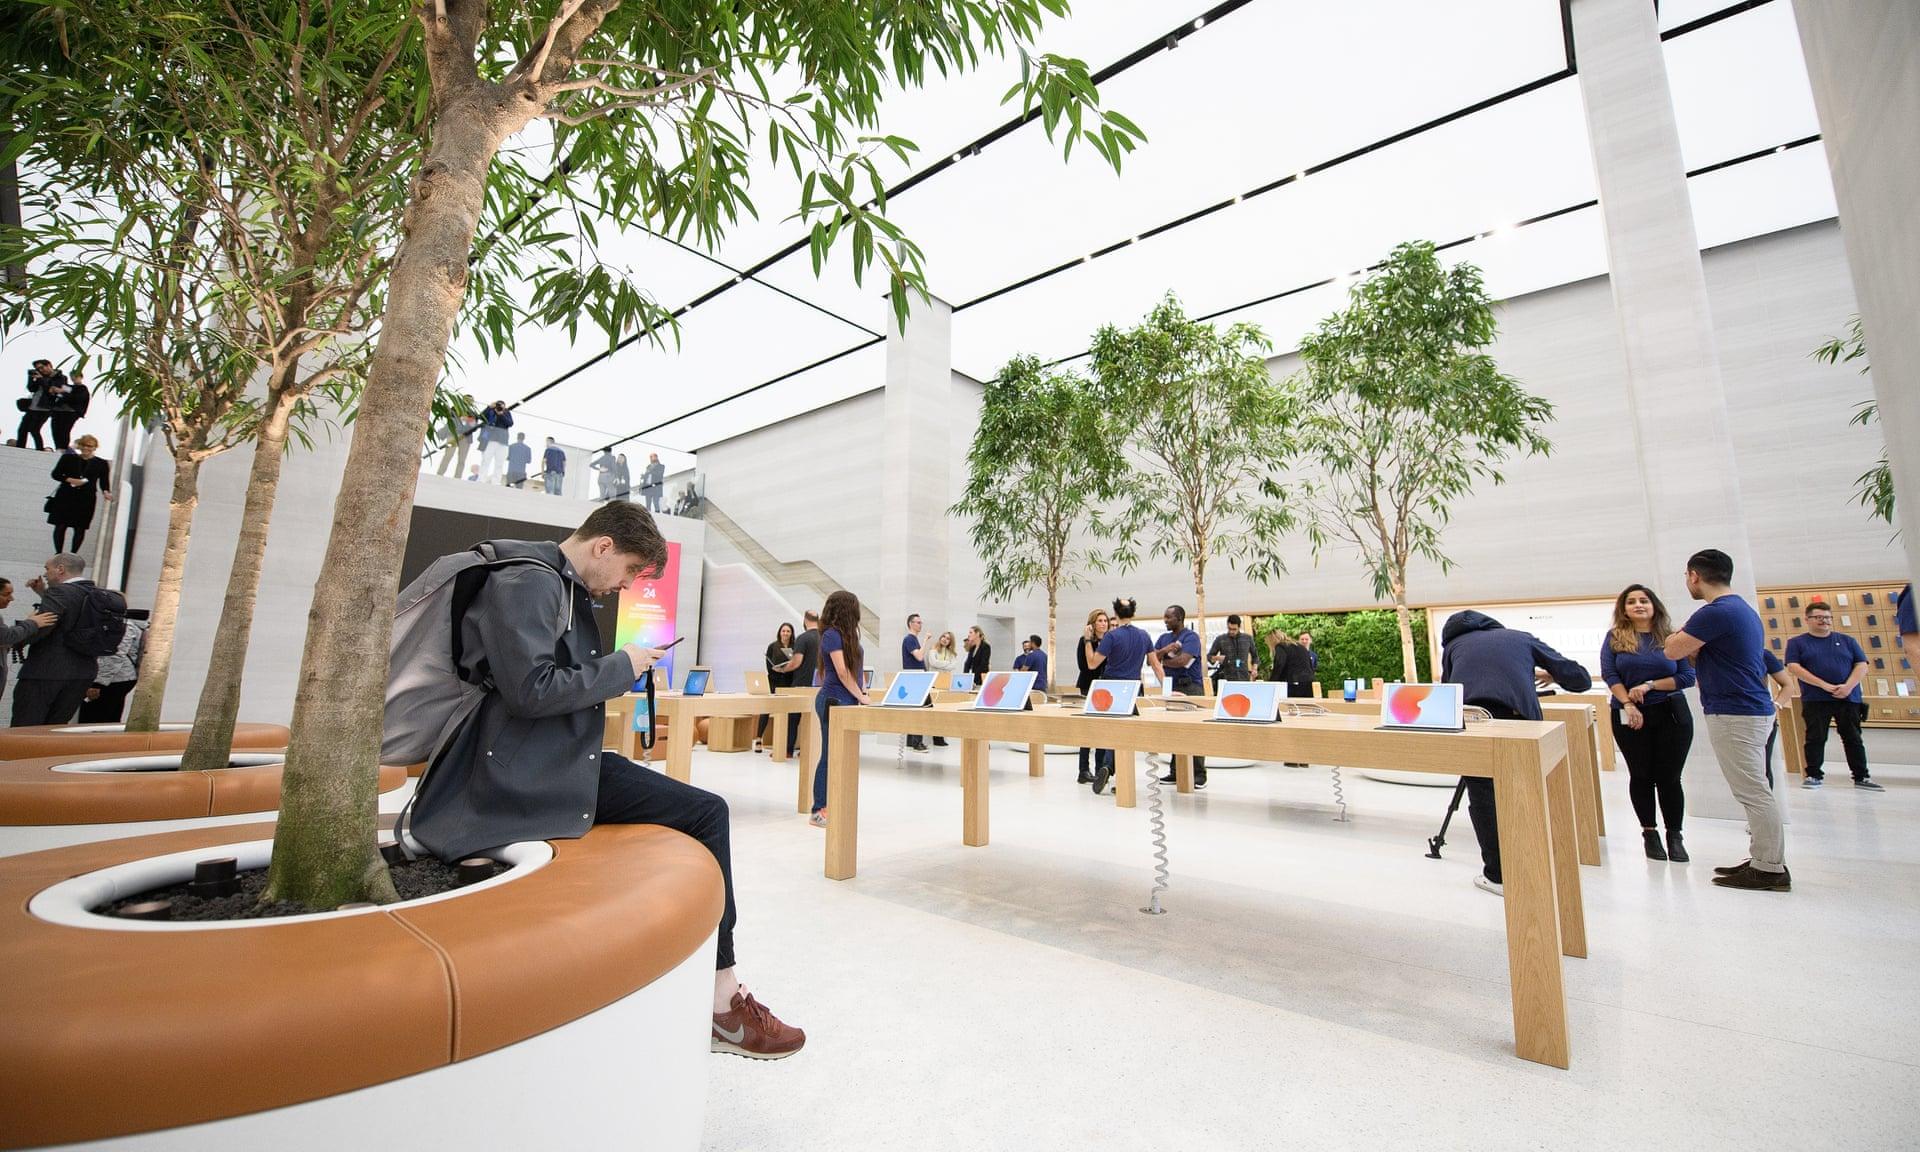 Аплодисменты и одобрительные возгласы: тщательно управляемая драма в магазинах Apple - 1